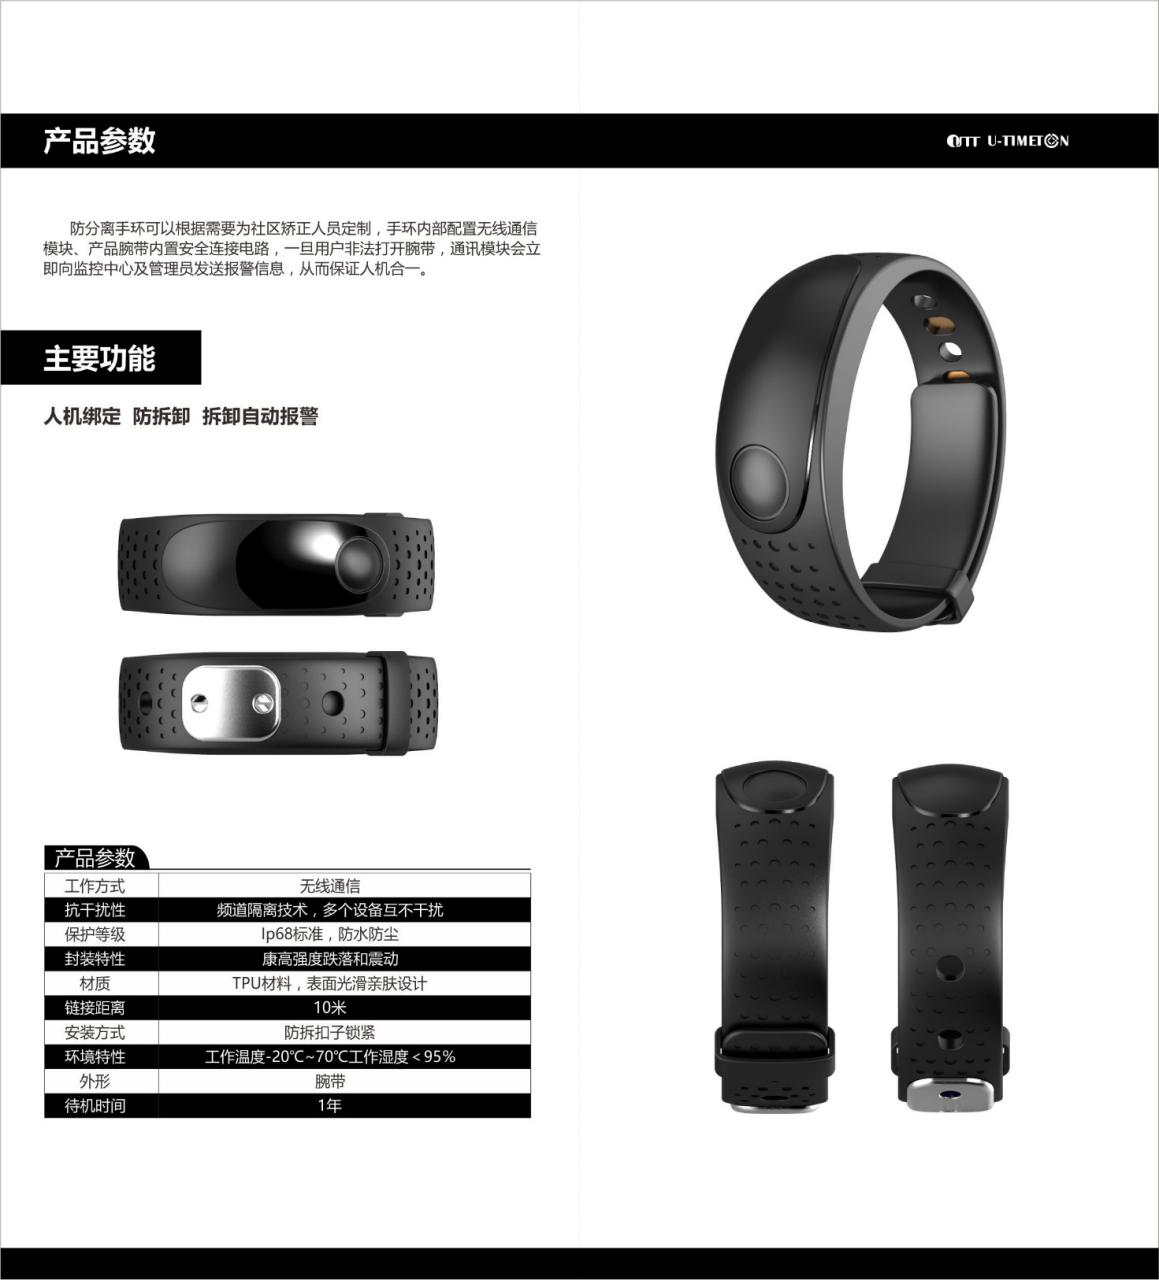 手环内部配置无线通信模块,产品腕带内置安全连接电路,一旦用户非法